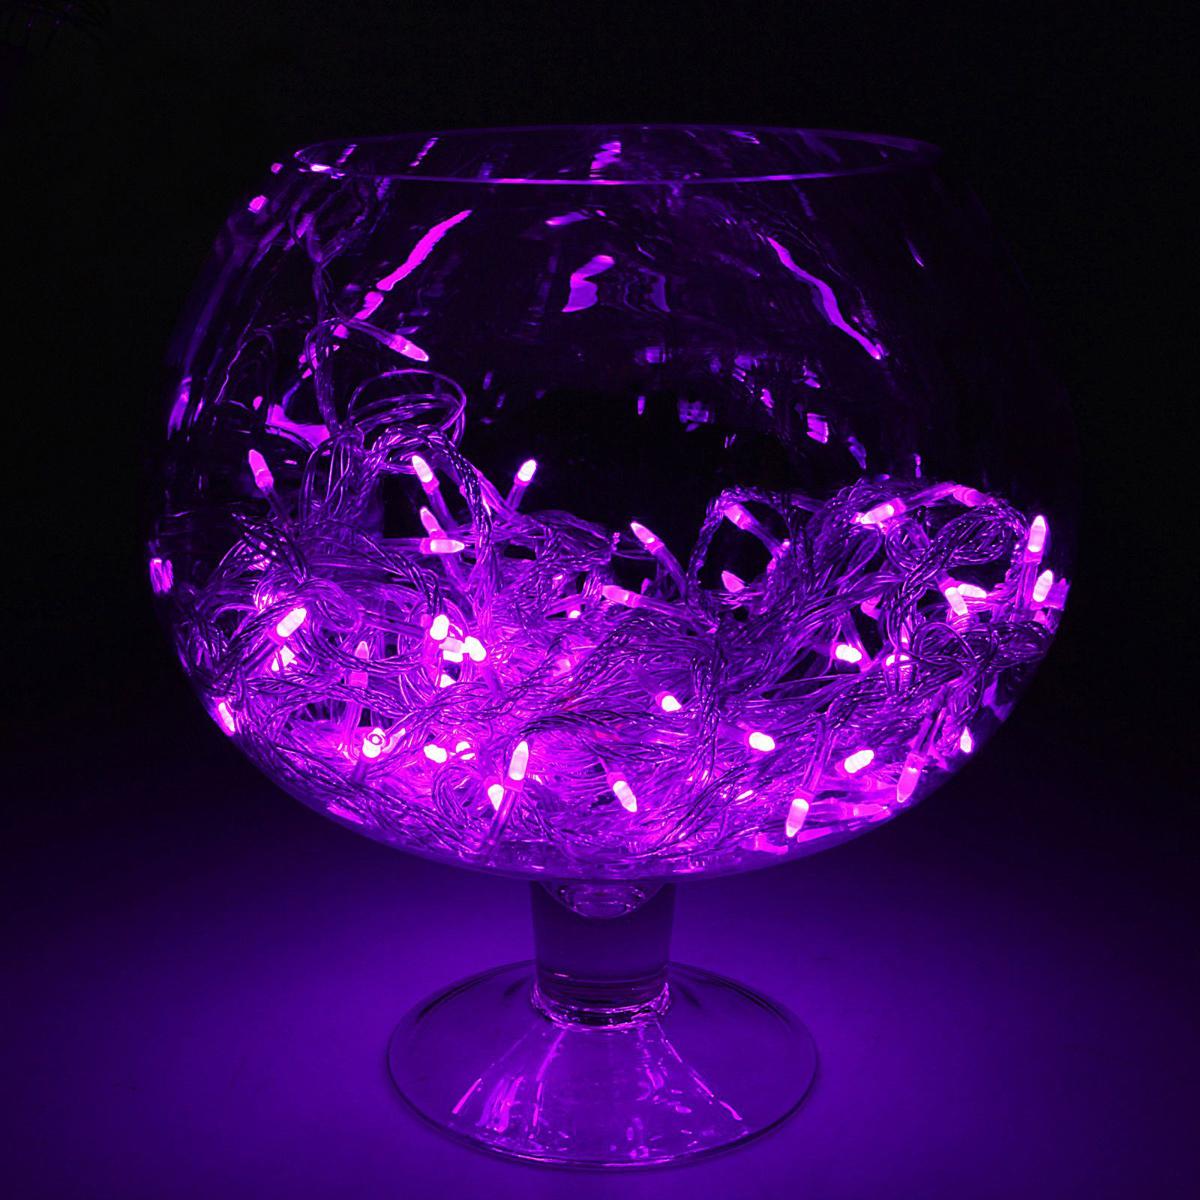 Гирлянда светодиодная Luazon Метраж. Игла, цвет: фиолетовый, 100 ламп, 8 режимов, 220 V, длина 10 м. 10805261080526Светодиодные гирлянды и ленты — это отличный вариант для новогоднего оформления интерьера или фасада. С их помощью помещение любого размера можно превратить в праздничный зал, а внешние элементы зданий, украшенные ими, мгновенно станут напоминать очертания сказочного дворца. Такие украшения создают ауру предвкушения чуда. Деревья, фасады, витрины, окна и арки будто специально созданы, чтобы вы украсили их светящимися нитями.